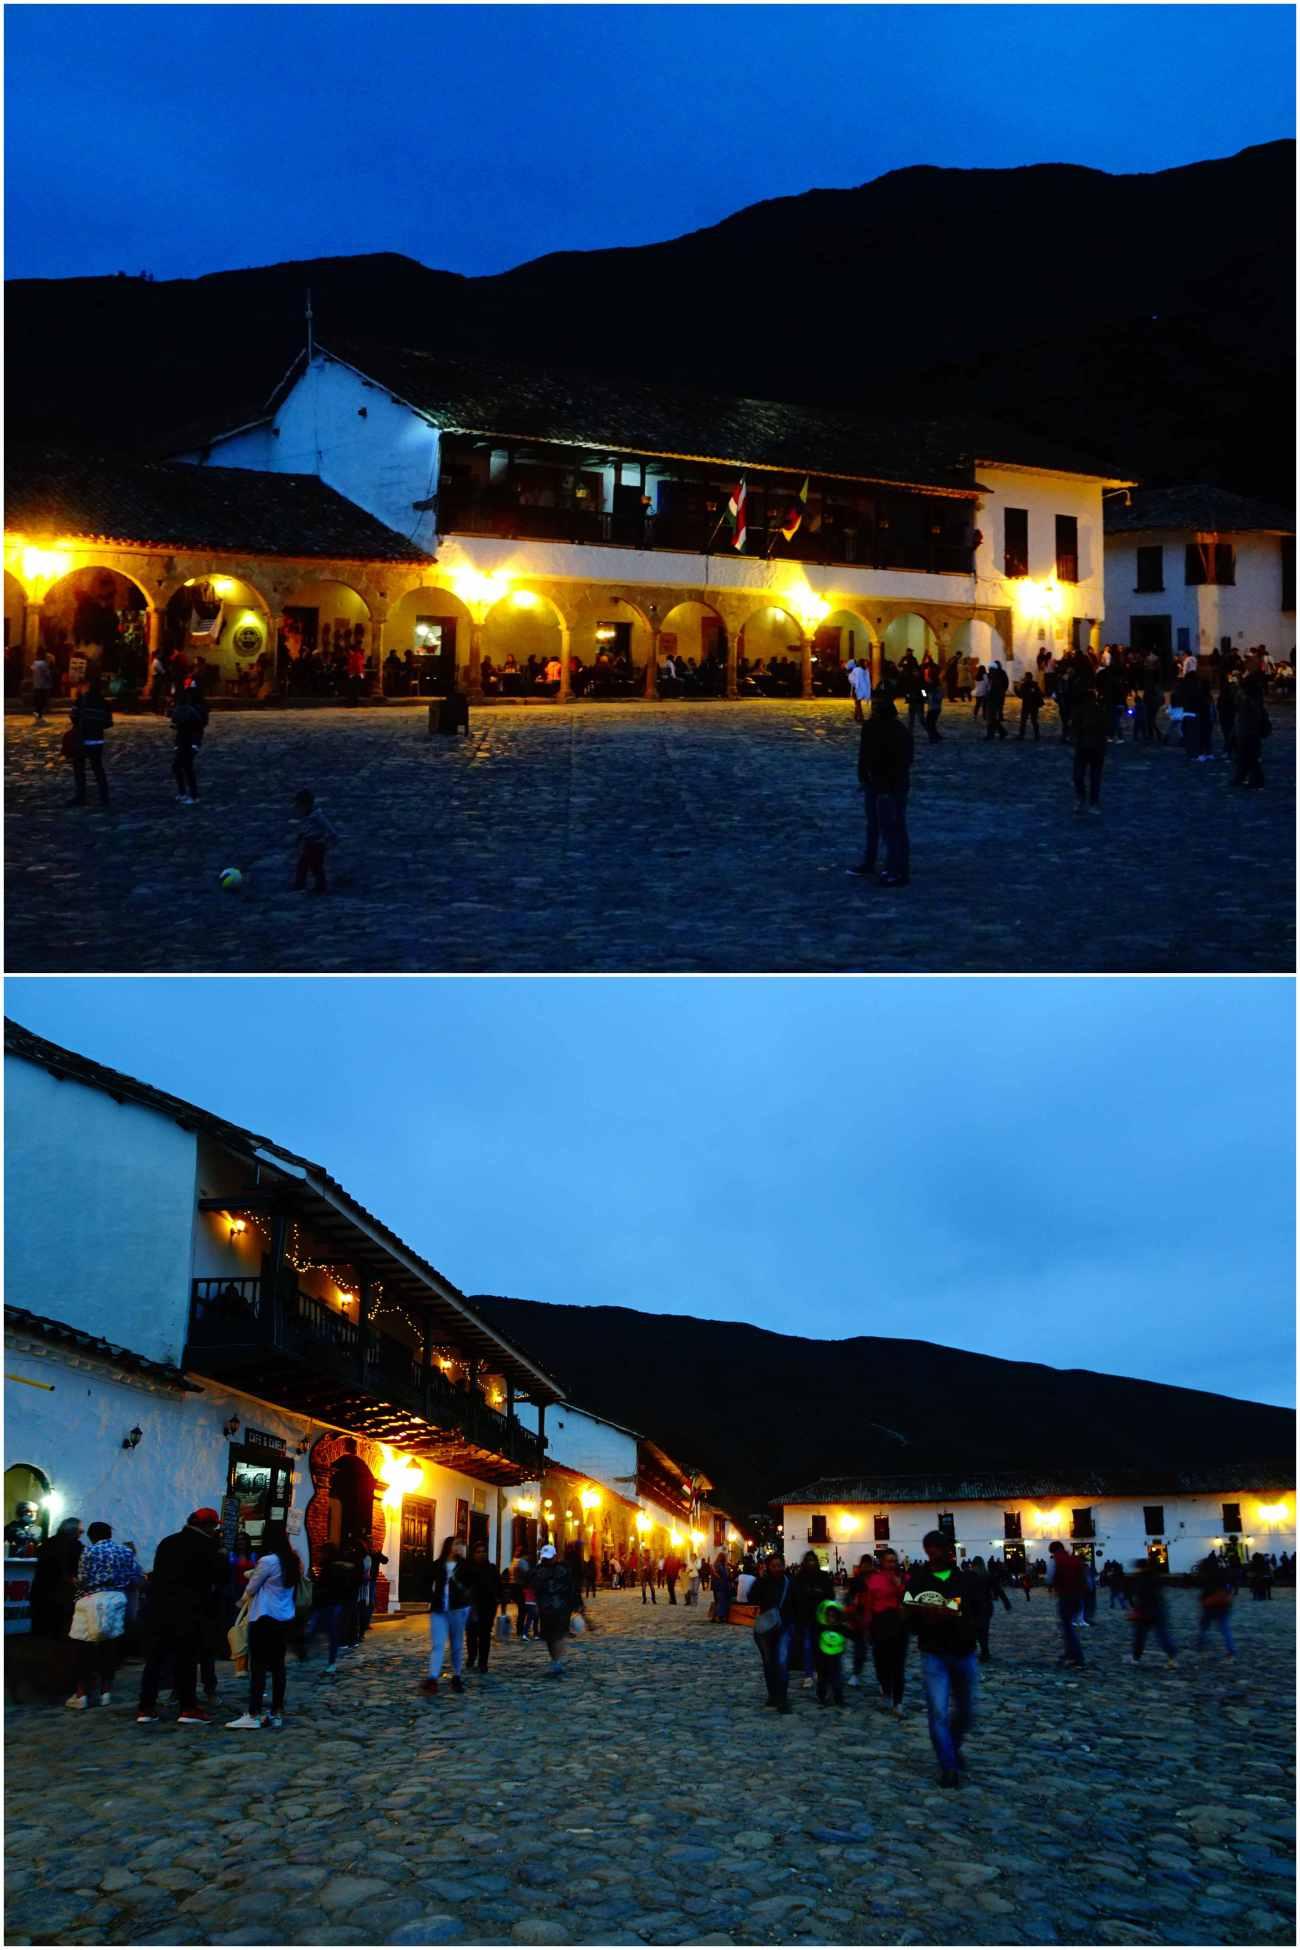 Plaza2 villa de leyva